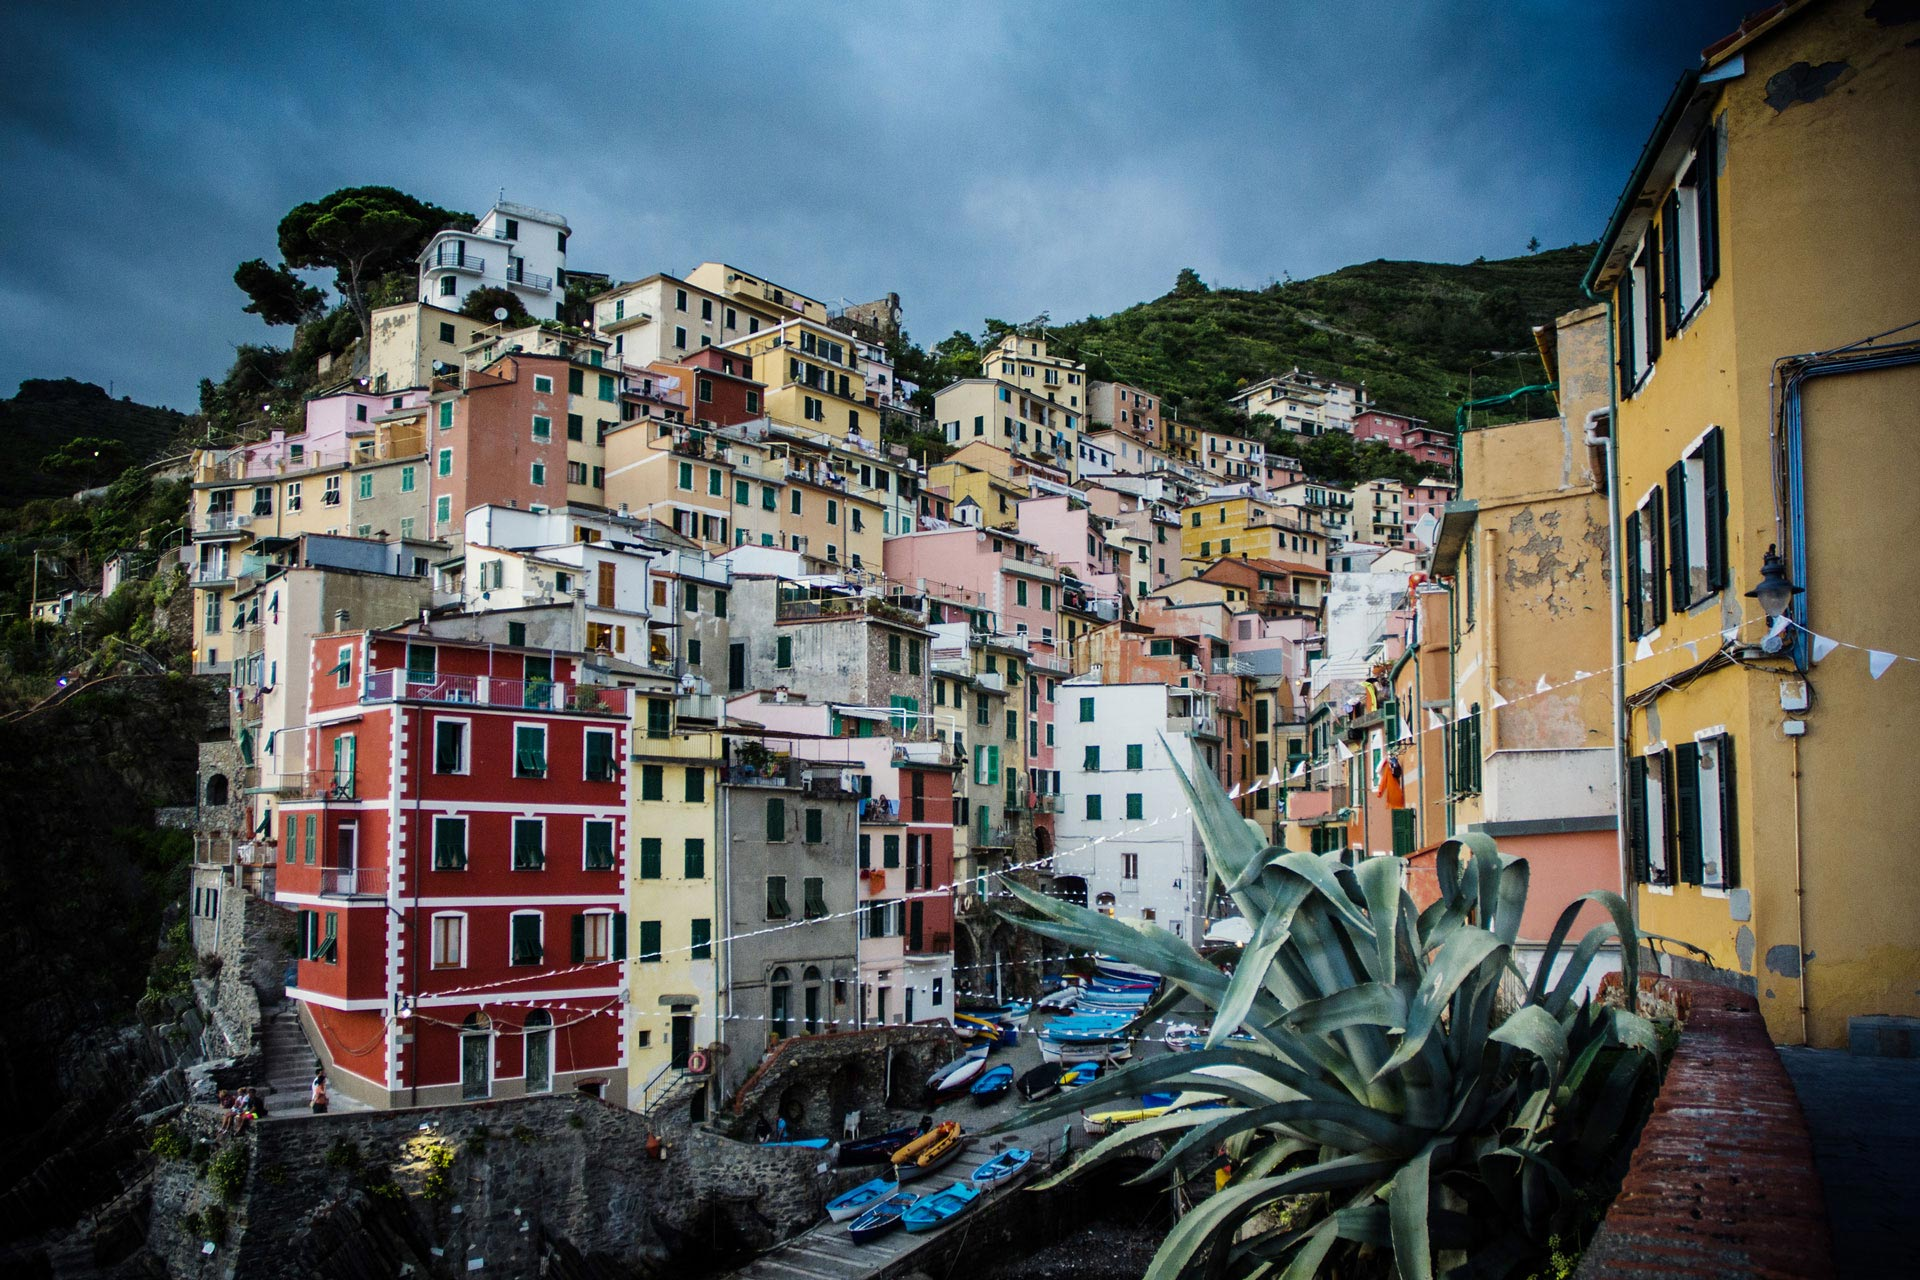 Paesaggi-Italia - 5 1 - 5 -